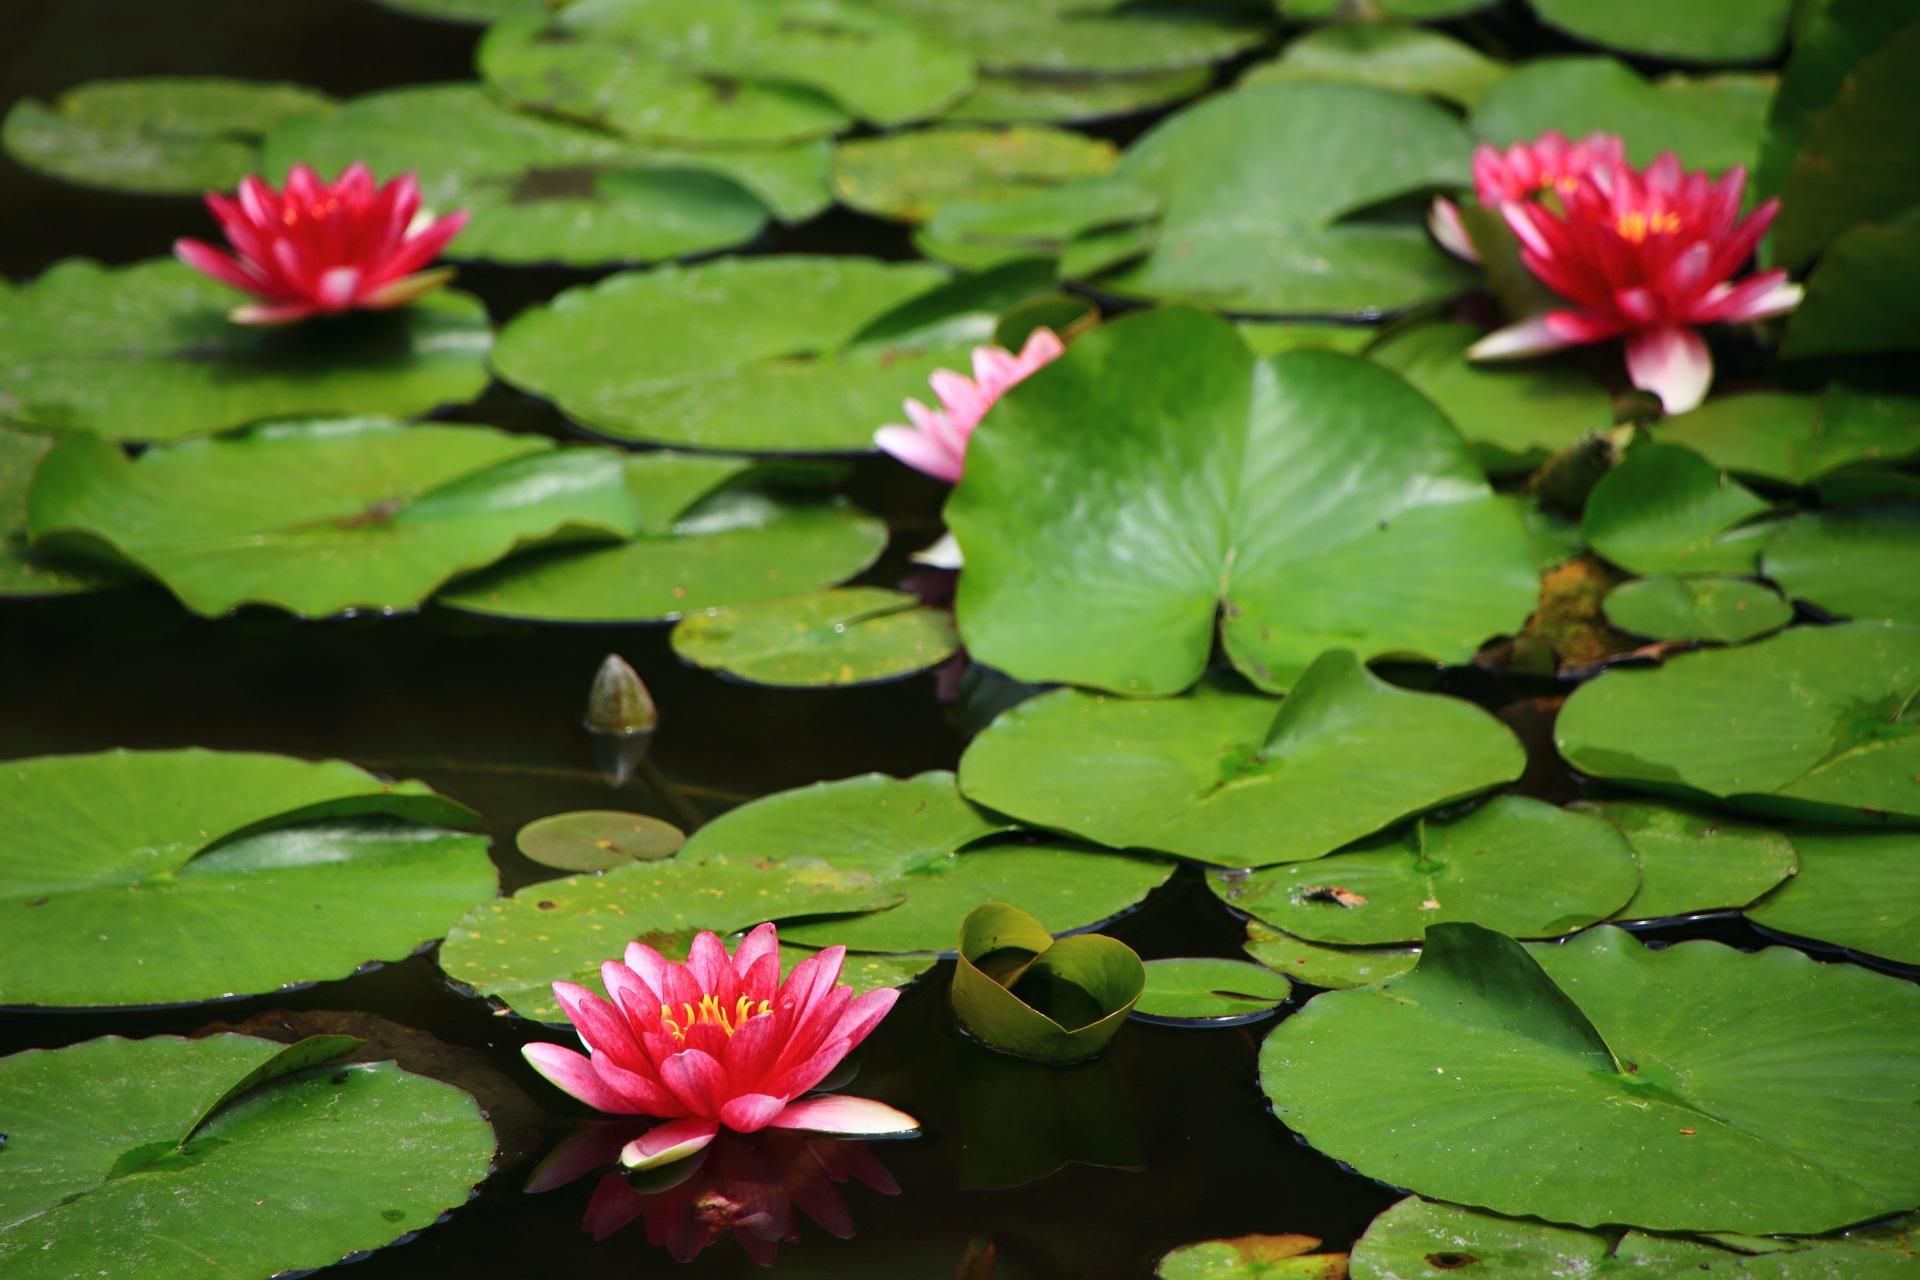 淡い緑の葉の上で咲き誇る鮮やかなピンクの睡蓮